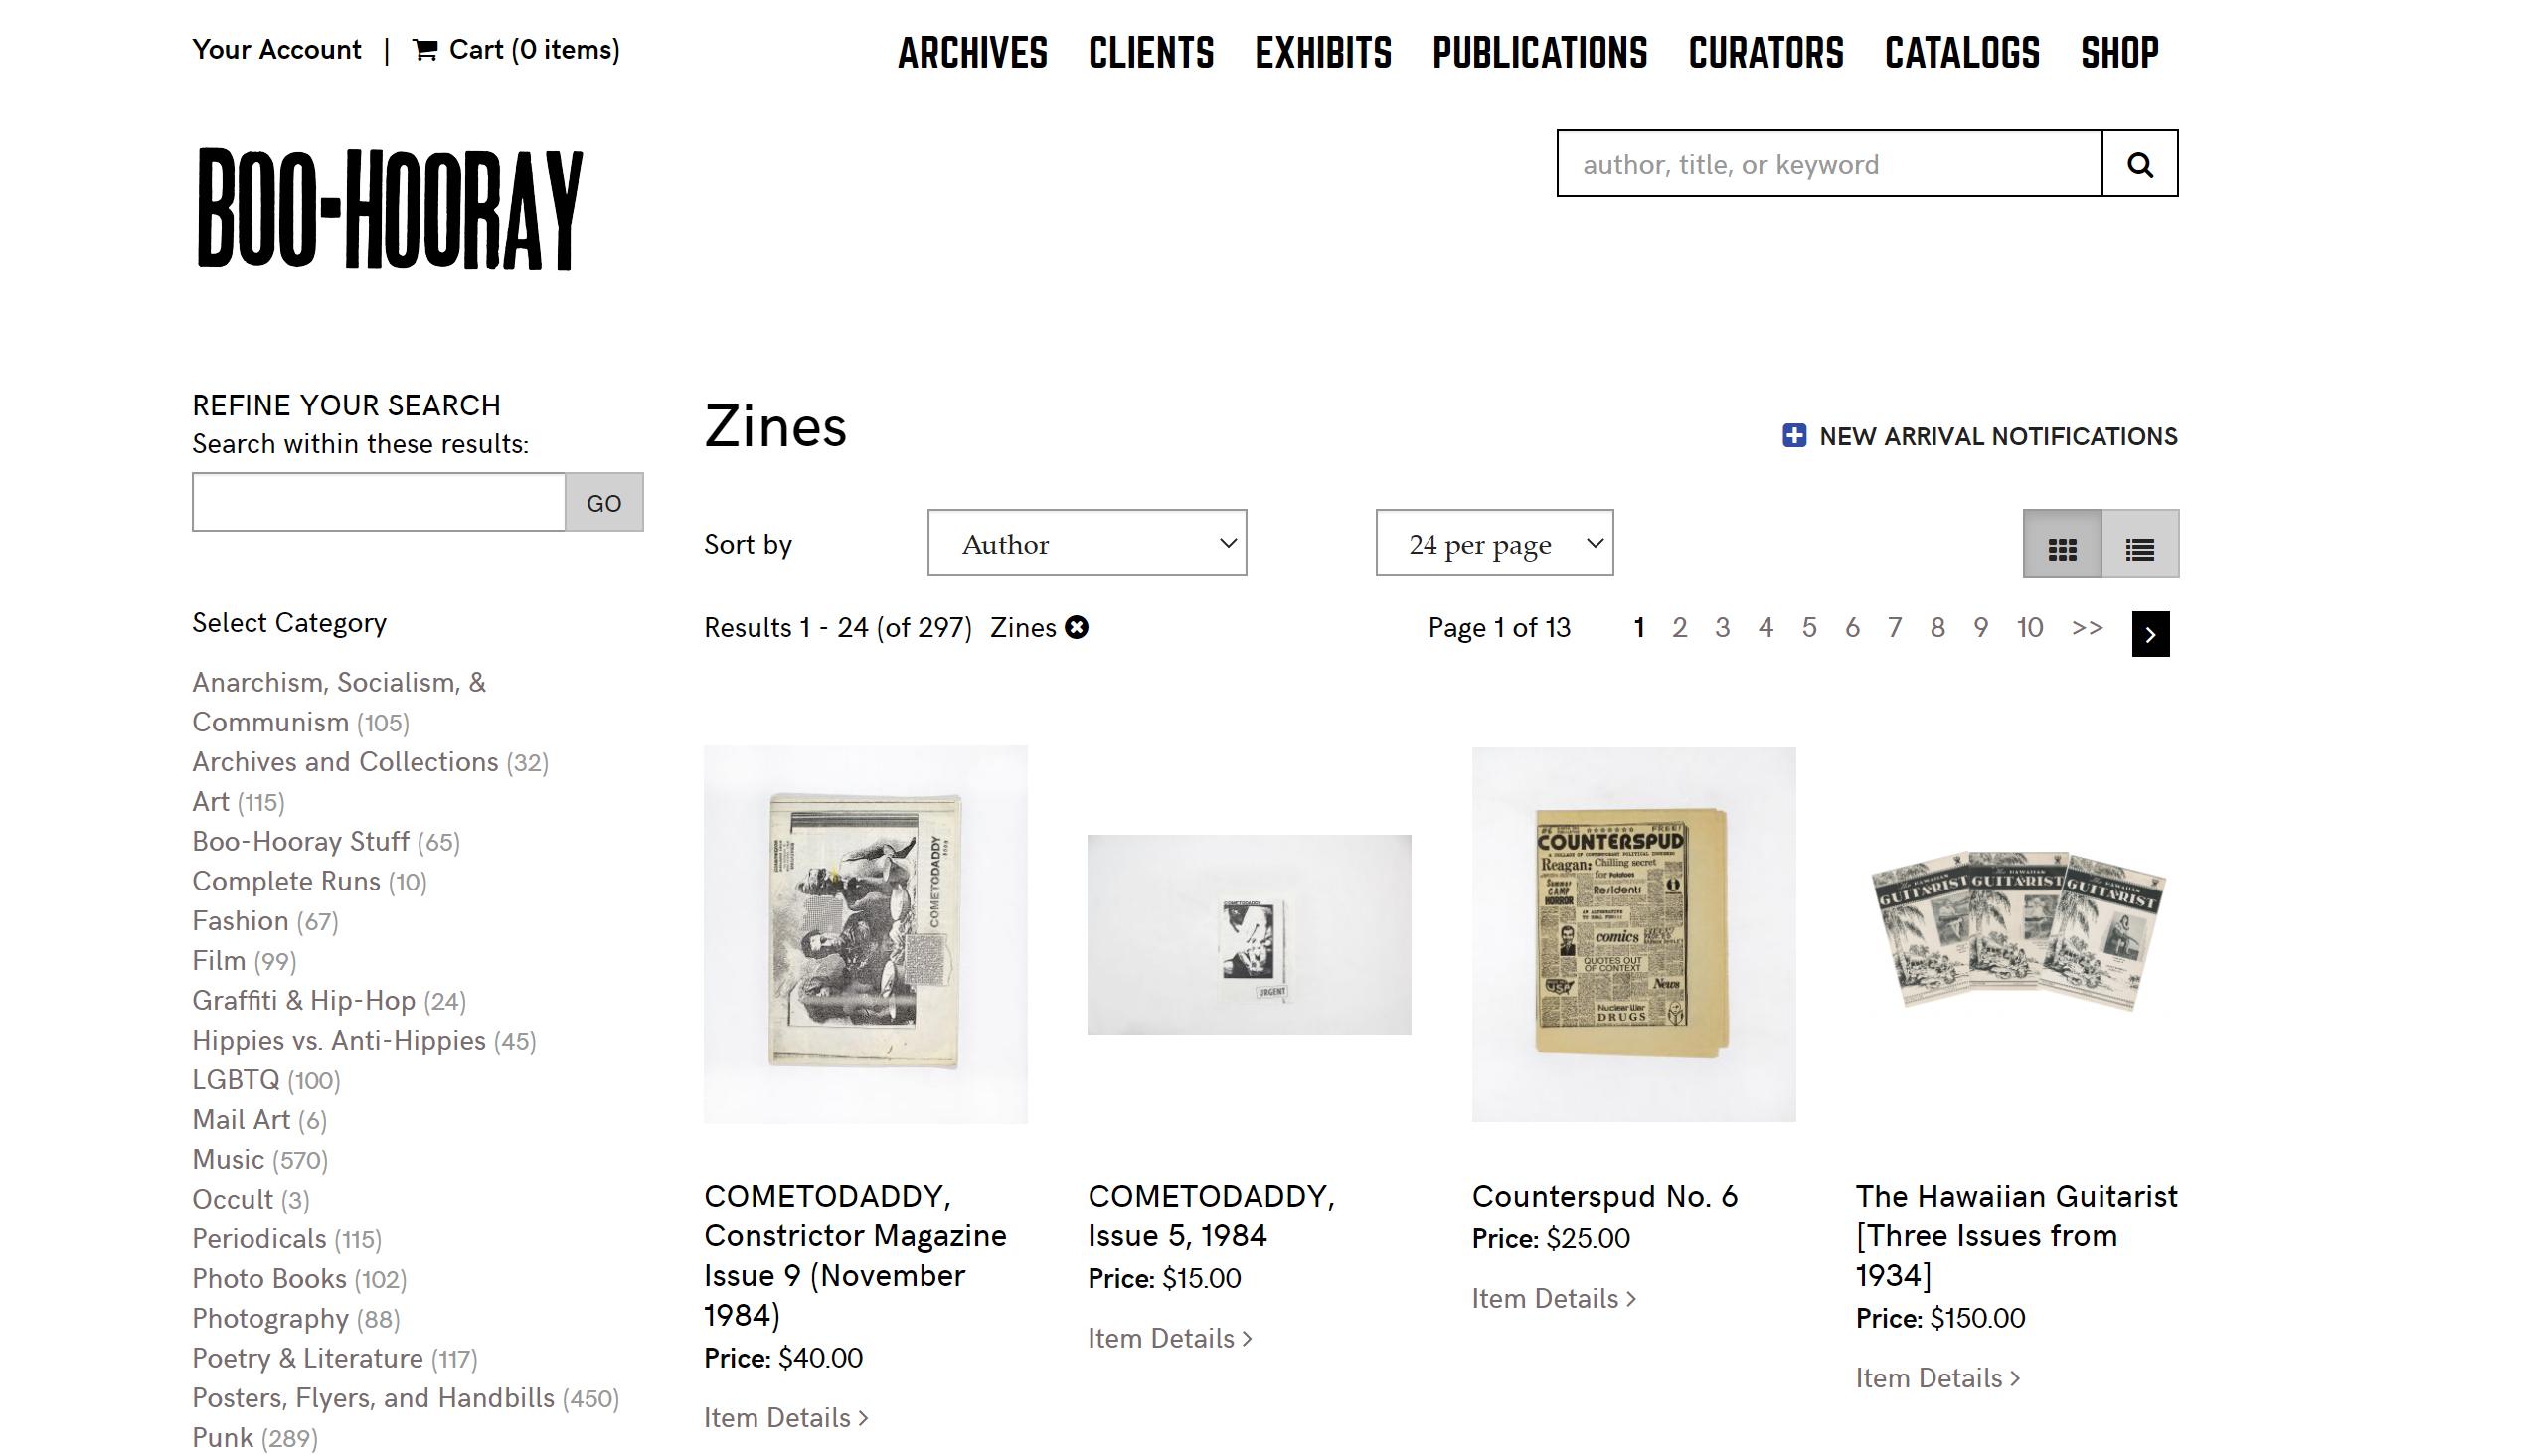 screenshot of Boo-Hooray's online shop for zines